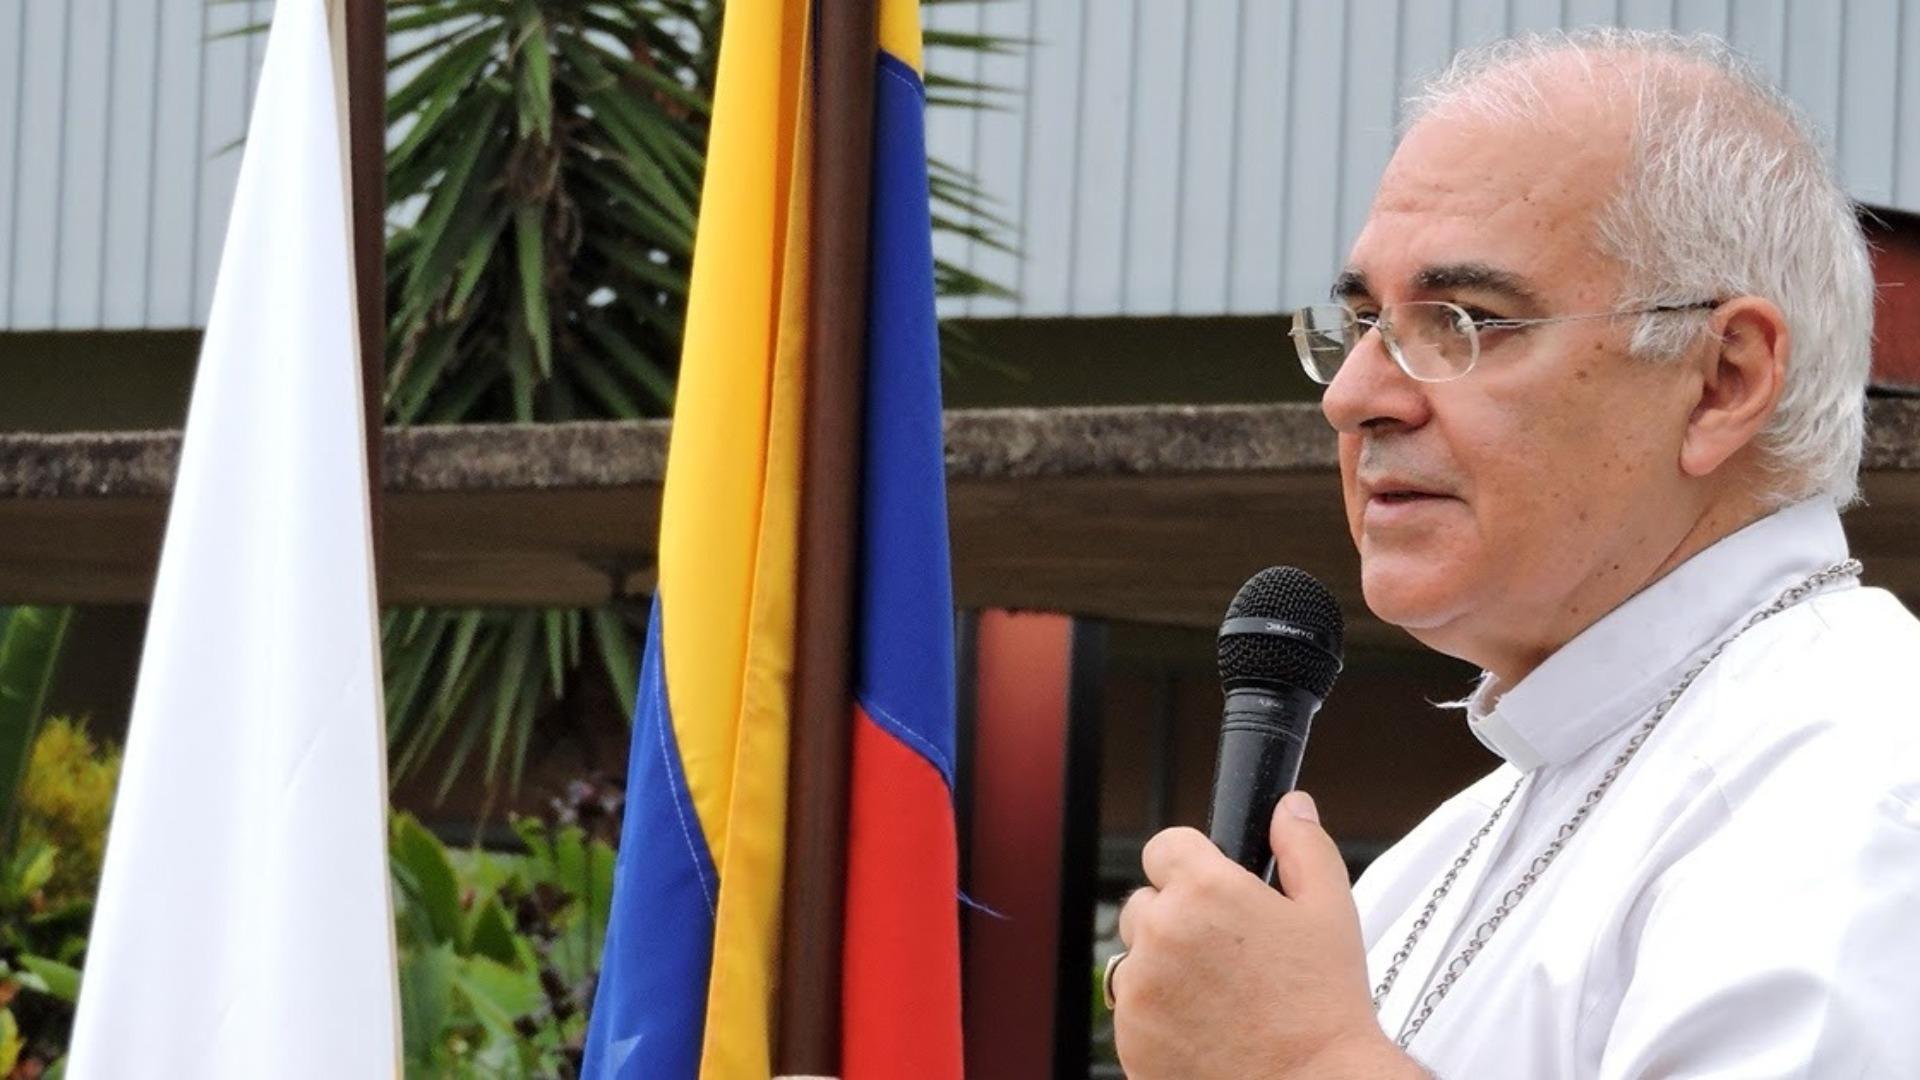 Monseñor Mario Moronta: Con totalitarismo y militarismo no existe paz